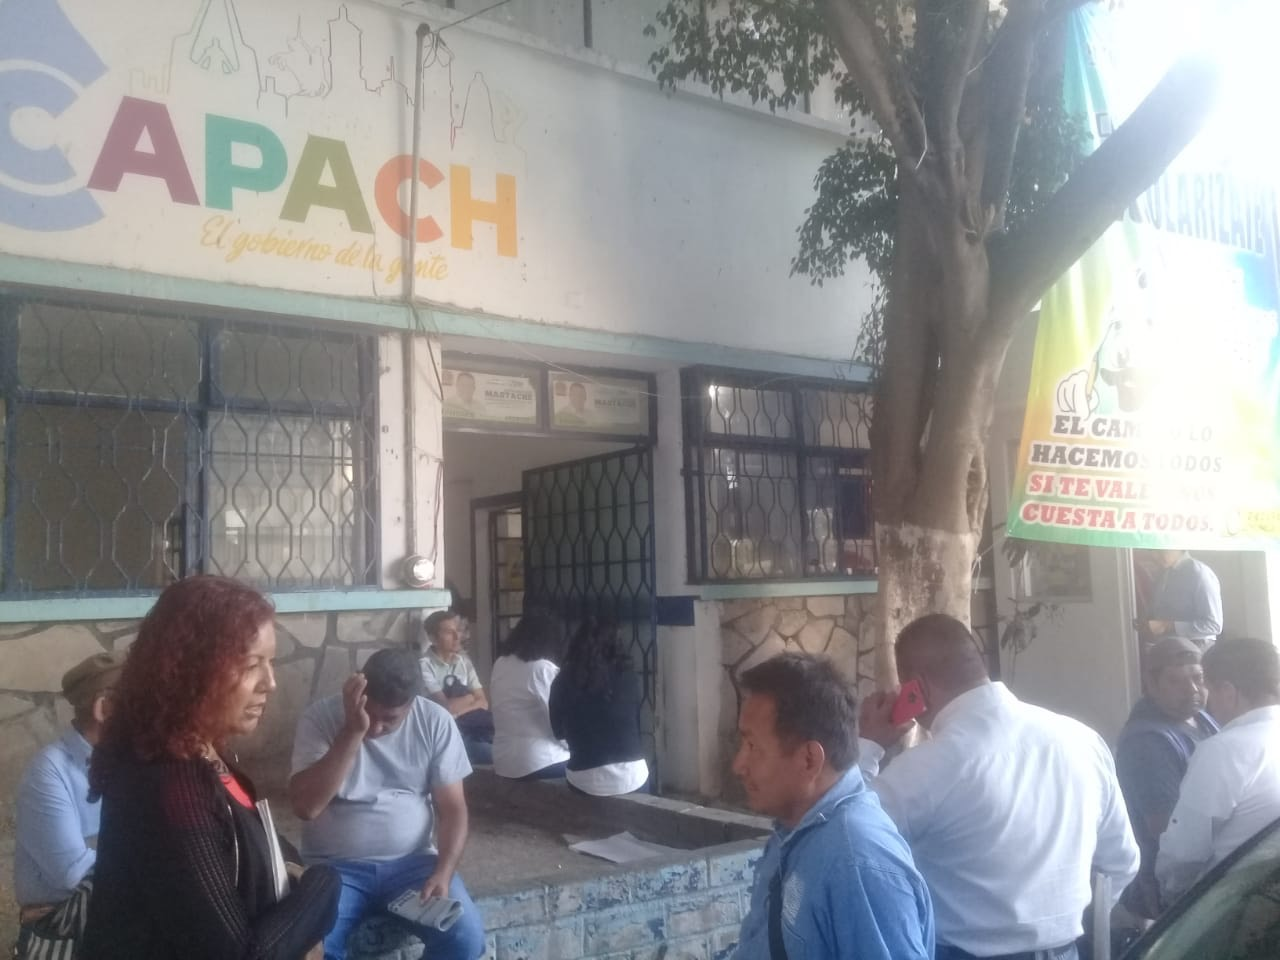 Antonio Gaspar no ha pagado segunda quincena de Marzo a trabajadores de Capach